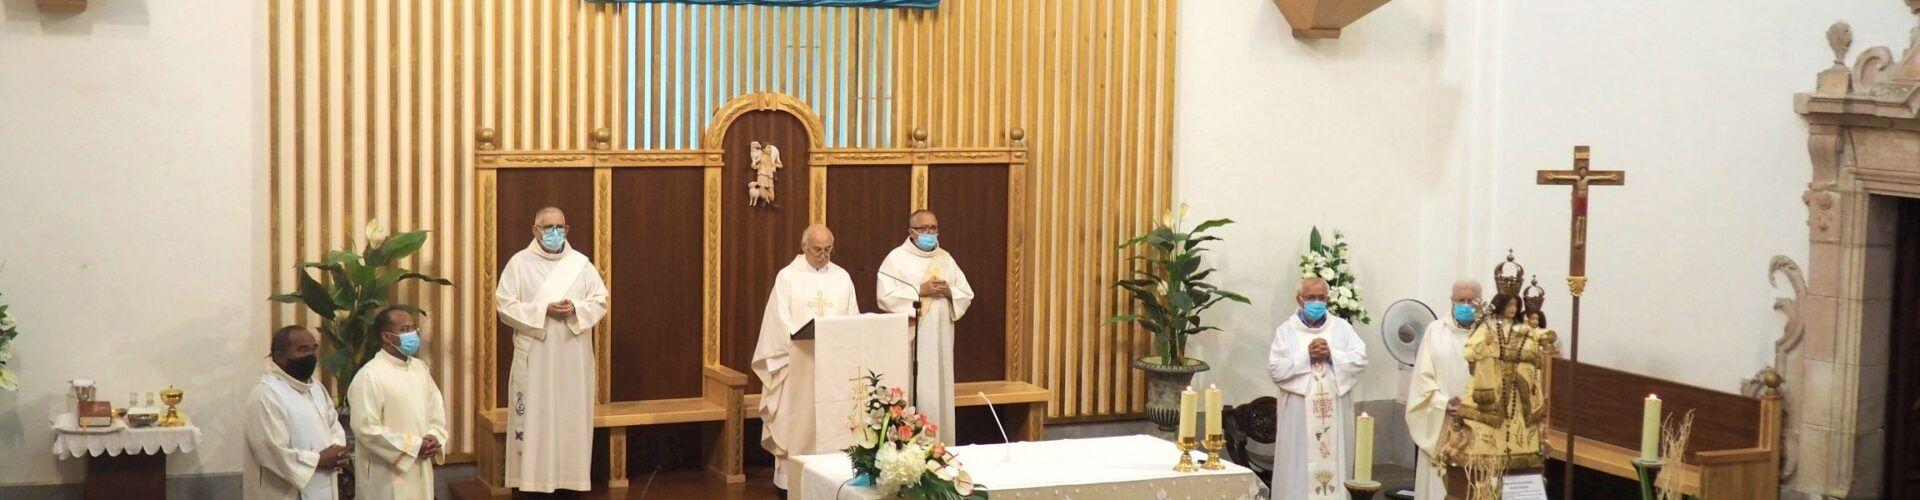 Peñíscola celebra la Natividad de la Virgen cumpliendo todas las medidas de seguridad